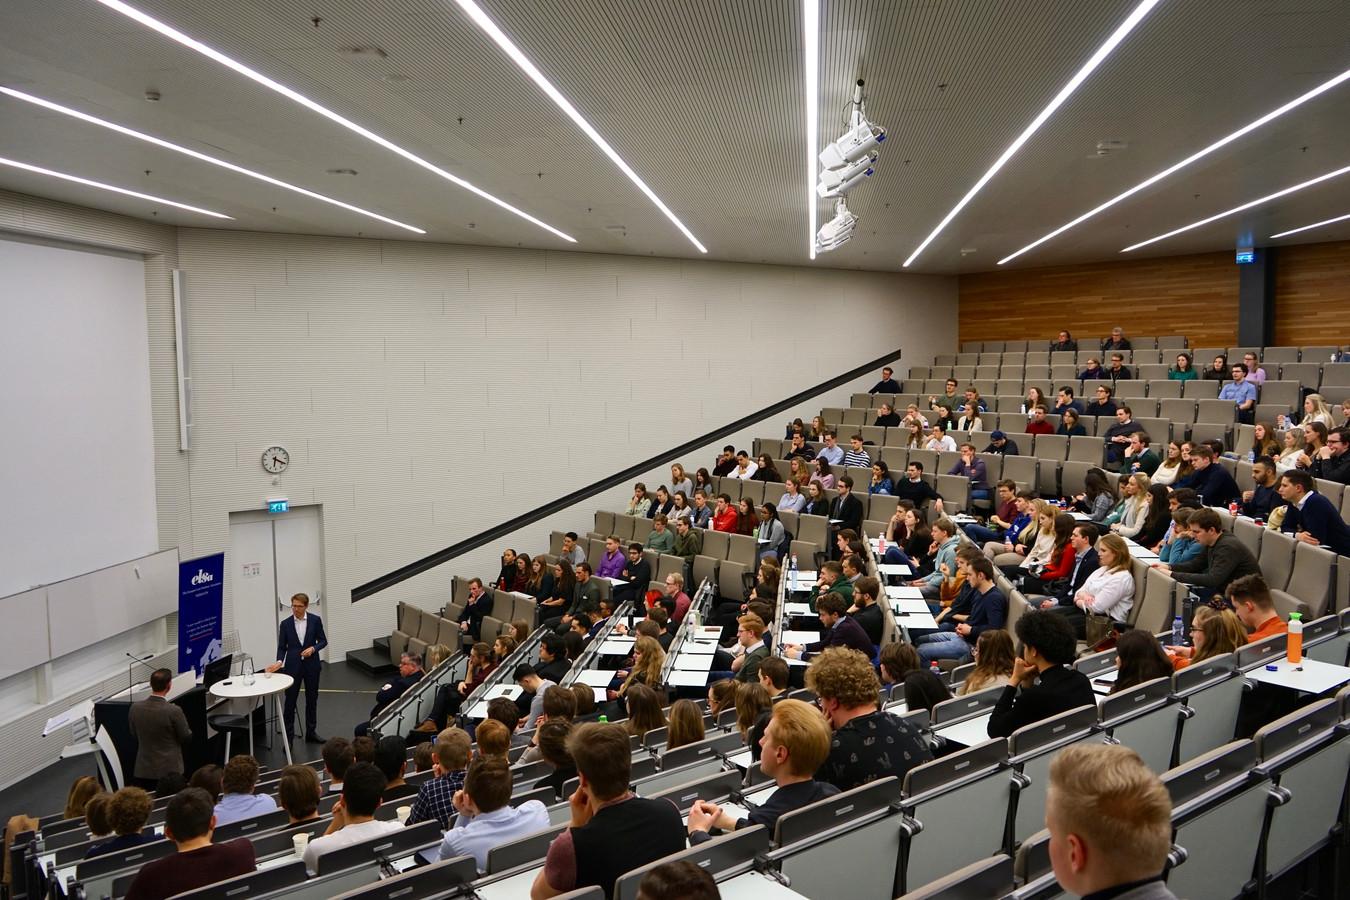 Minister Sander Dekker van rechtsbescherming tijdens zijn lezing op de Radboud Universiteit in Nijmegen.